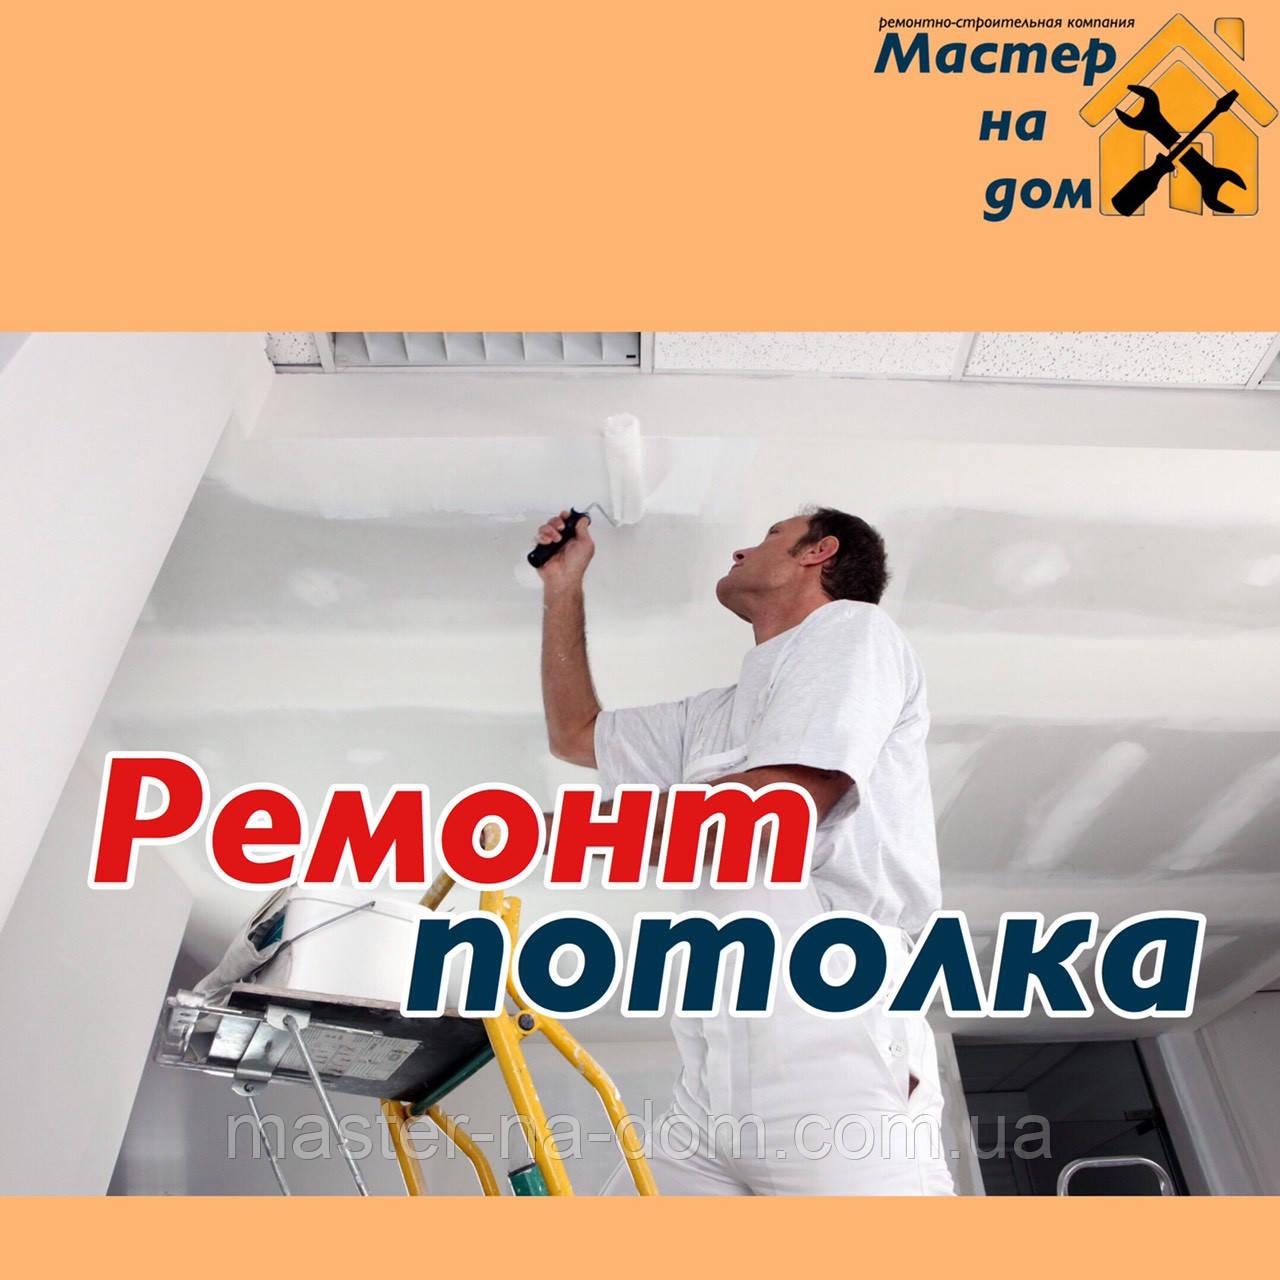 Ремонт потолка в Николаеве